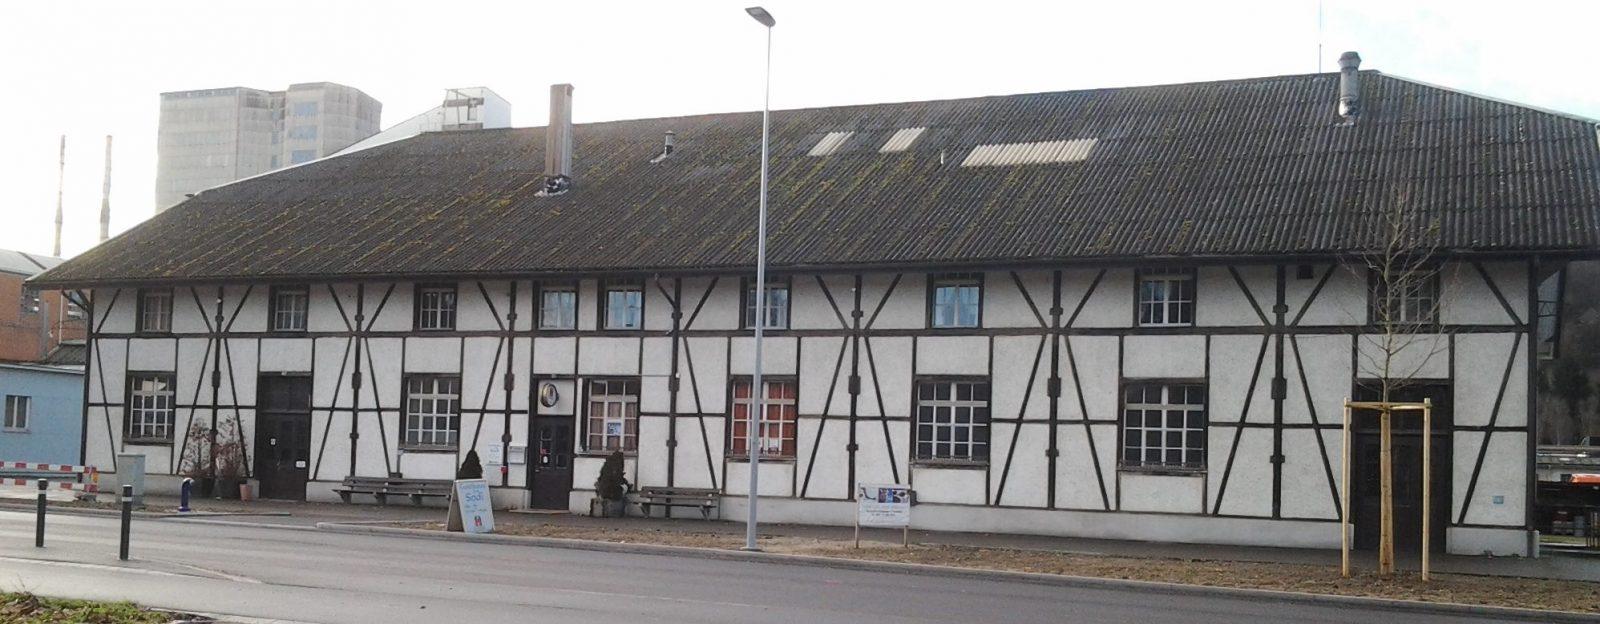 """Energietreffpunkt Rosmarie Bochsler """"Sodi"""" Zürcherstrasse 40 5330 Bad Zurzach +41 (0)79 402 38 81 r-bochsler@gmx.ch"""